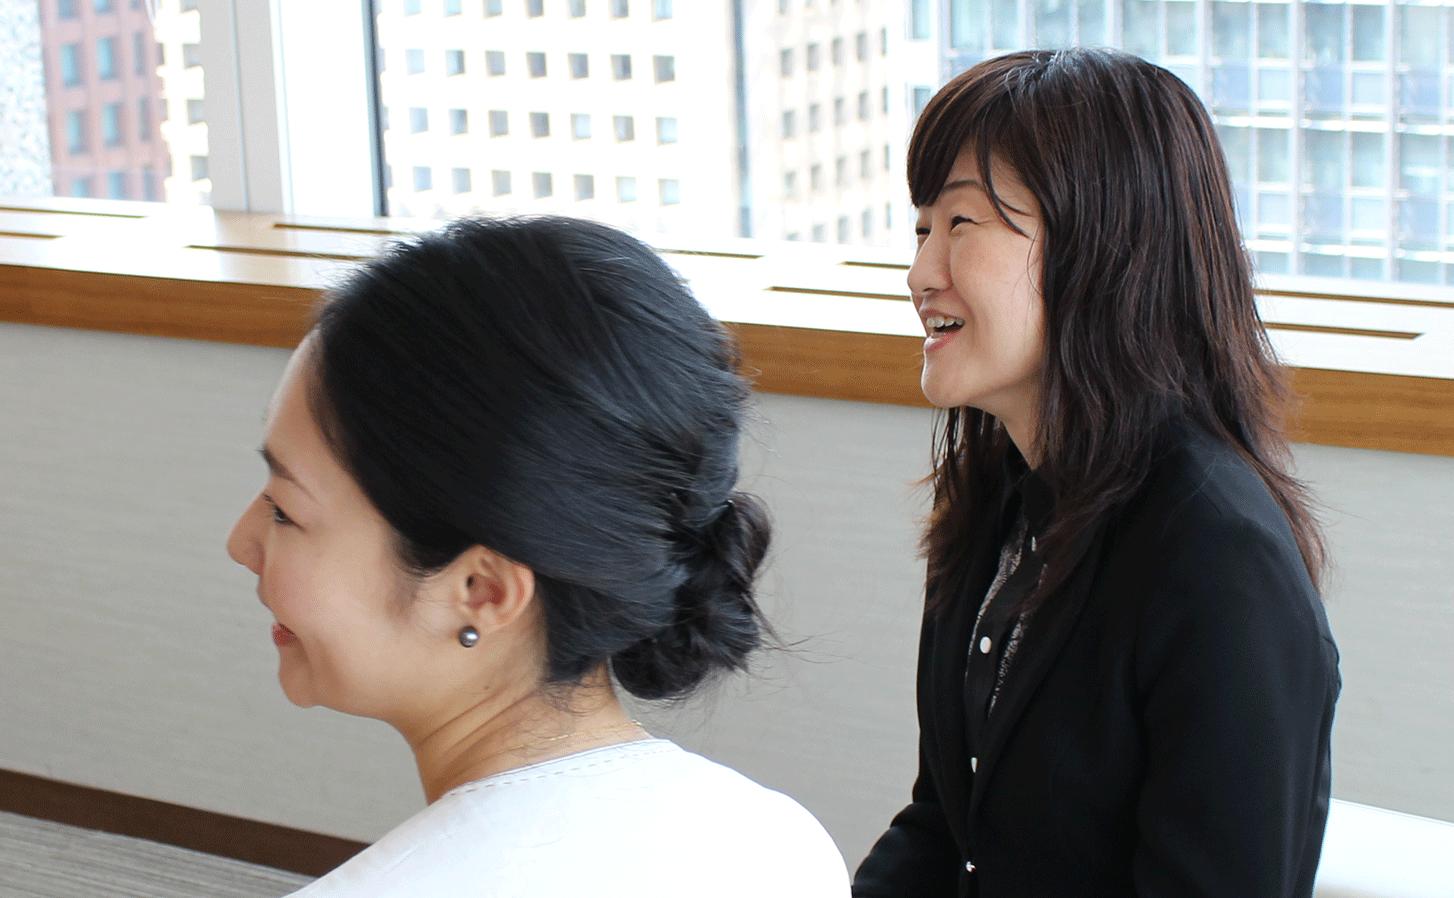 外資系大手コンサルティングファームDTC現役女性コンサルタントが語るキャリアと働き方